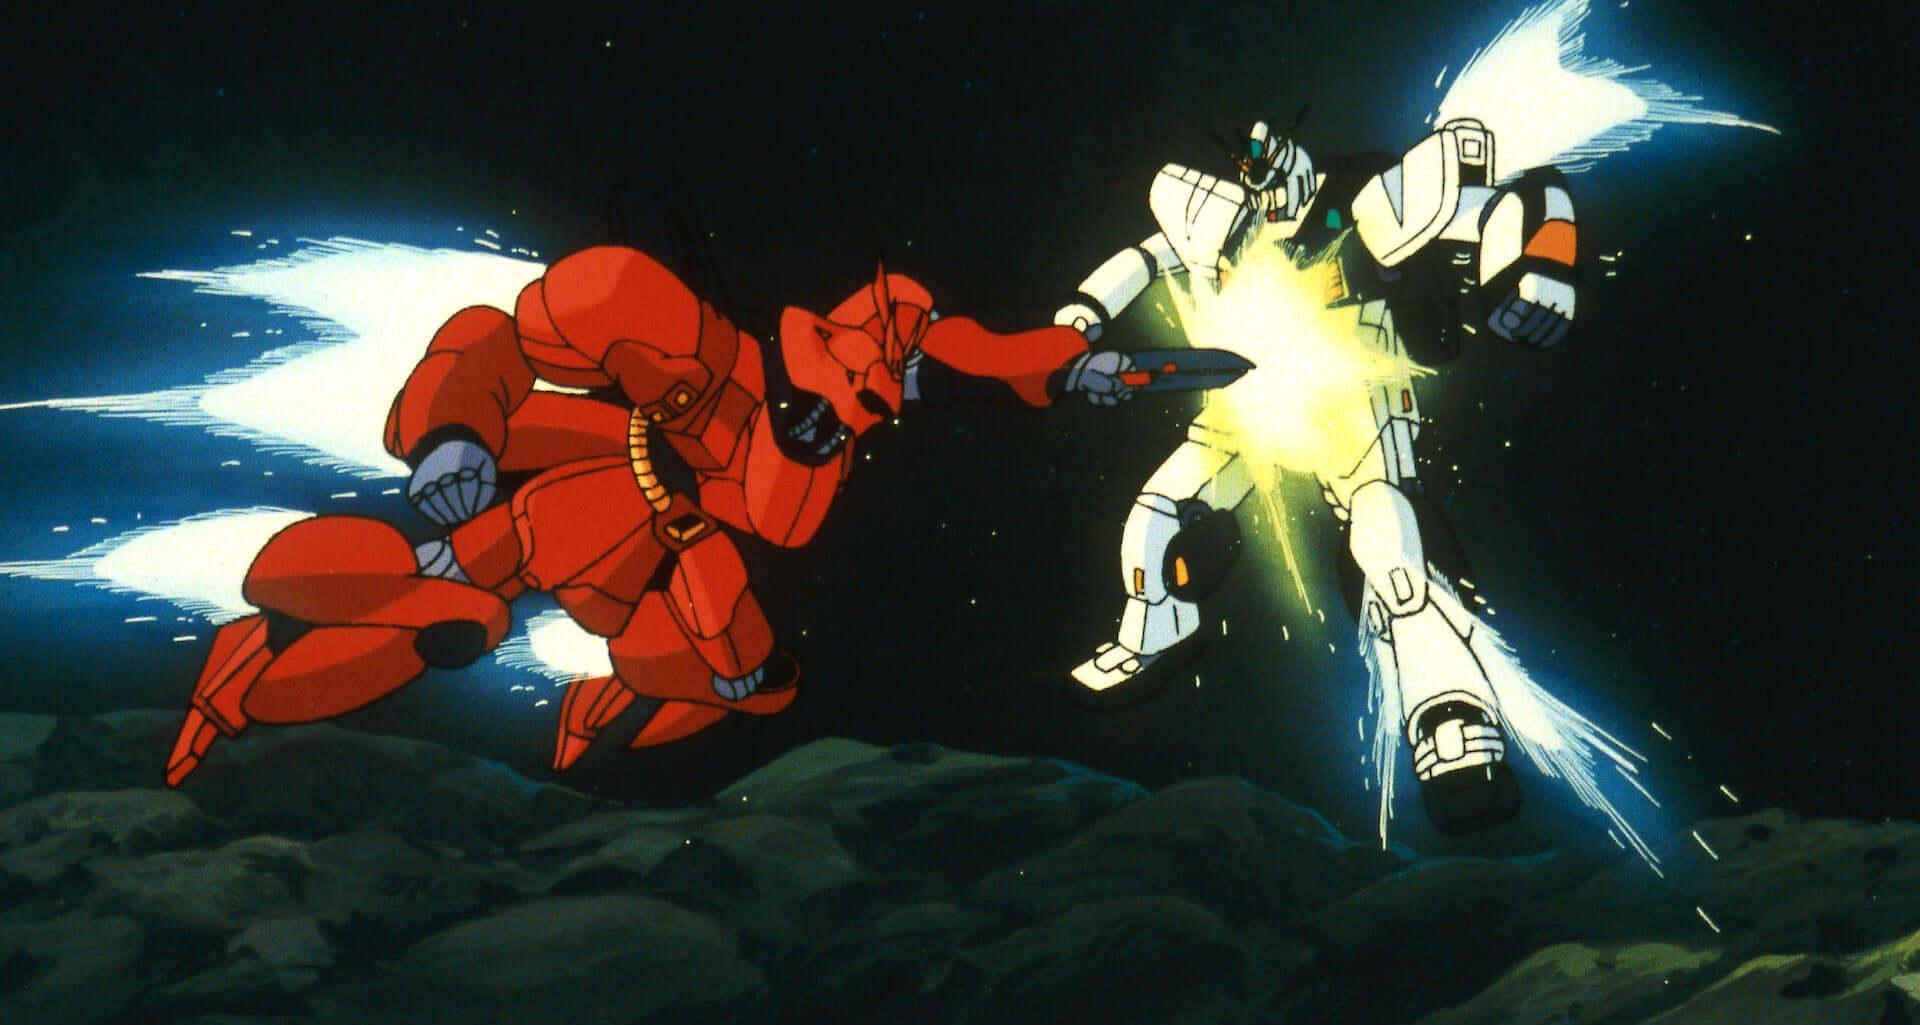 『逆襲のシャア』『ガンダムNT』を大迫力で楽しもう!「ガンダム映像新体験TOUR」4DXリバイバル上映劇場が追加決定 film200603_gundam_4dx_06-1920x1025